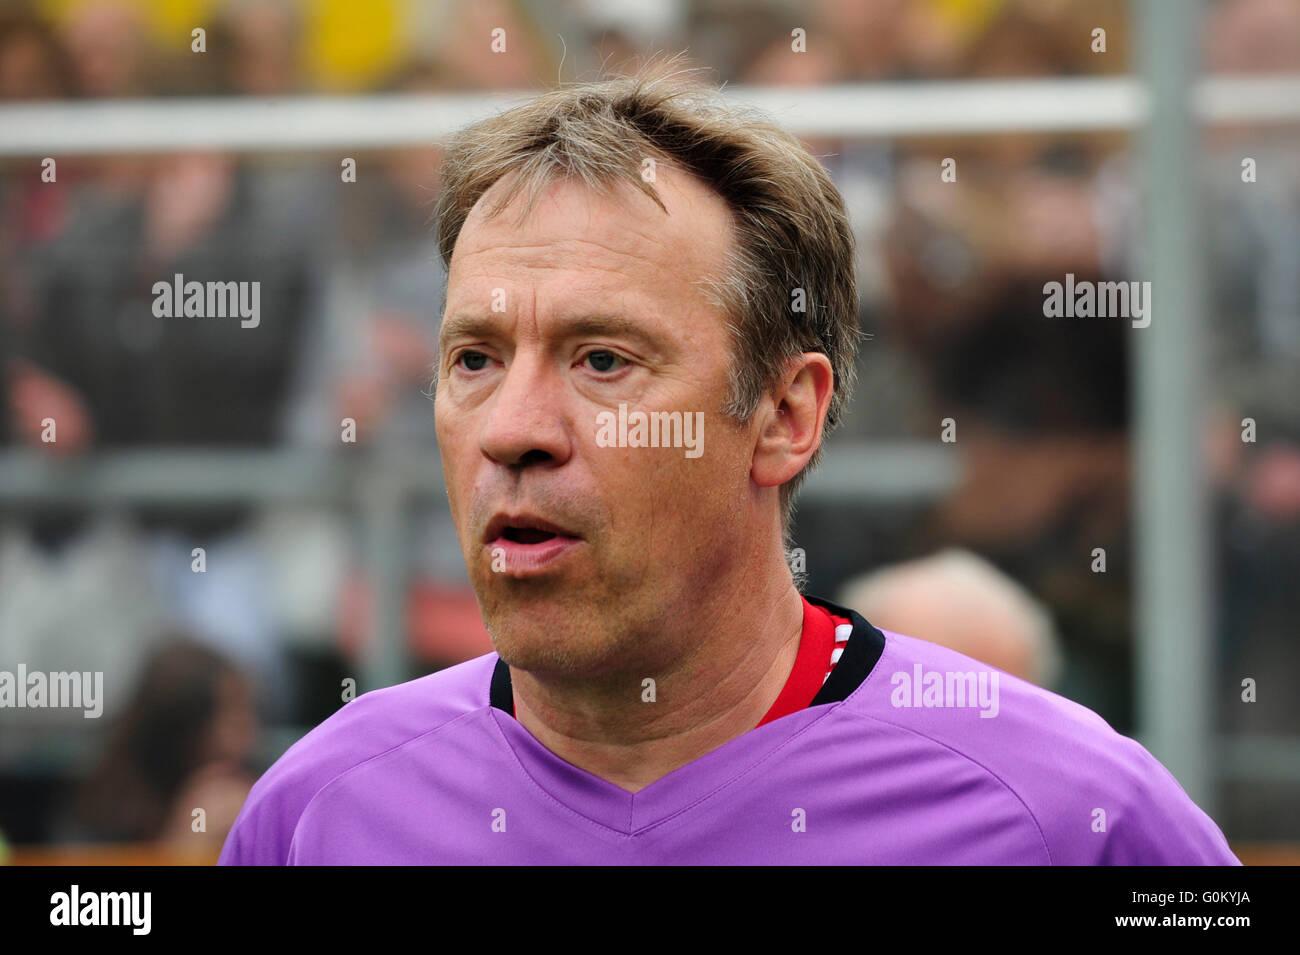 DEU, Deutschland, Hamburg, 03.06.2012, Benefiz-Fußballspiel 'Kicken mit Herz' im Stadion des SC Victoria: - Stock Image